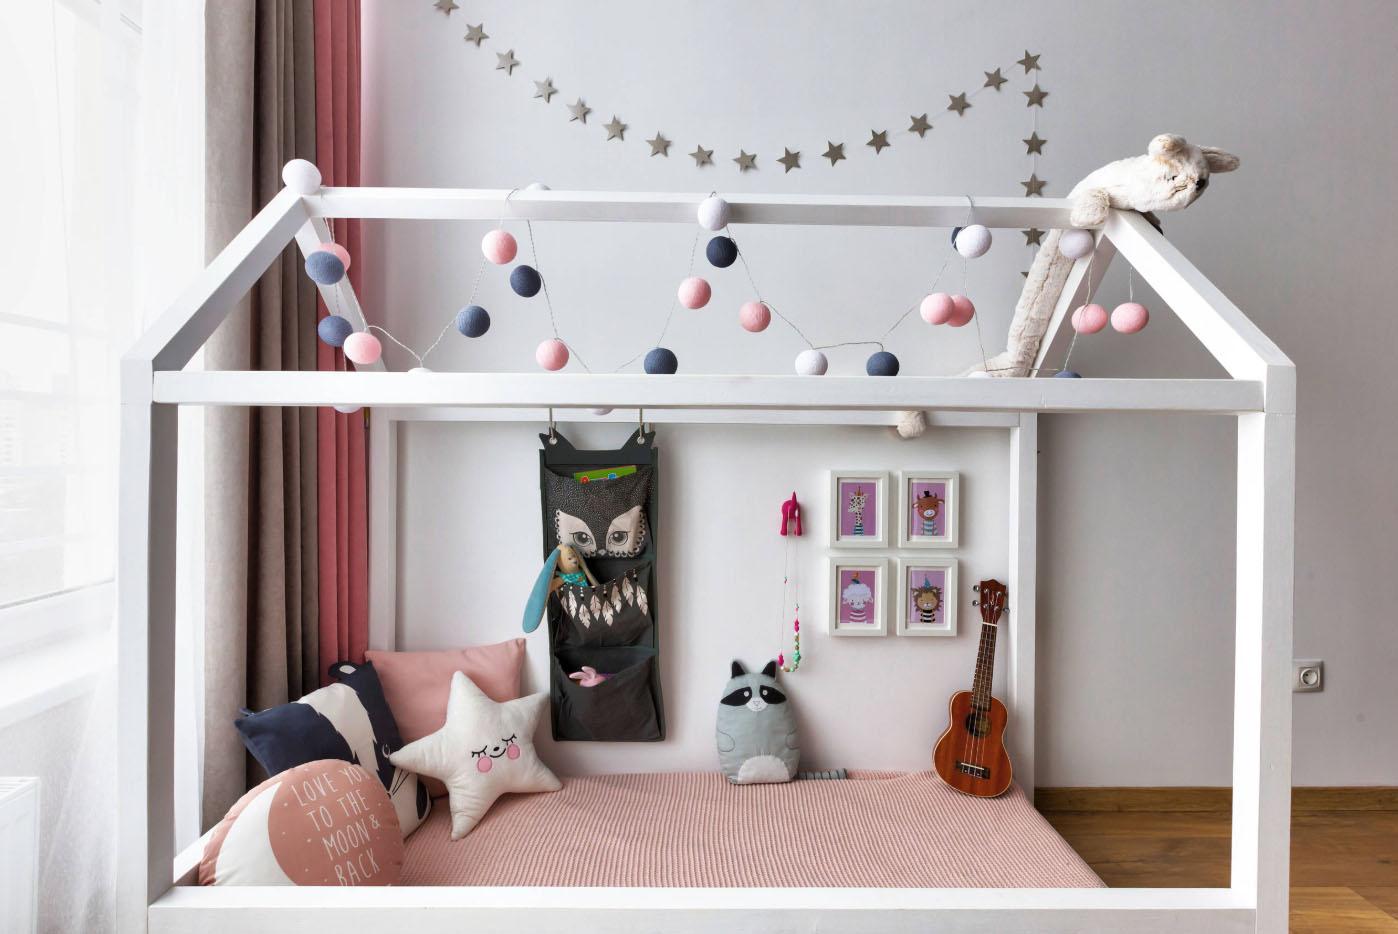 интерьер однокомнатной квартиры для семьи с ребенком